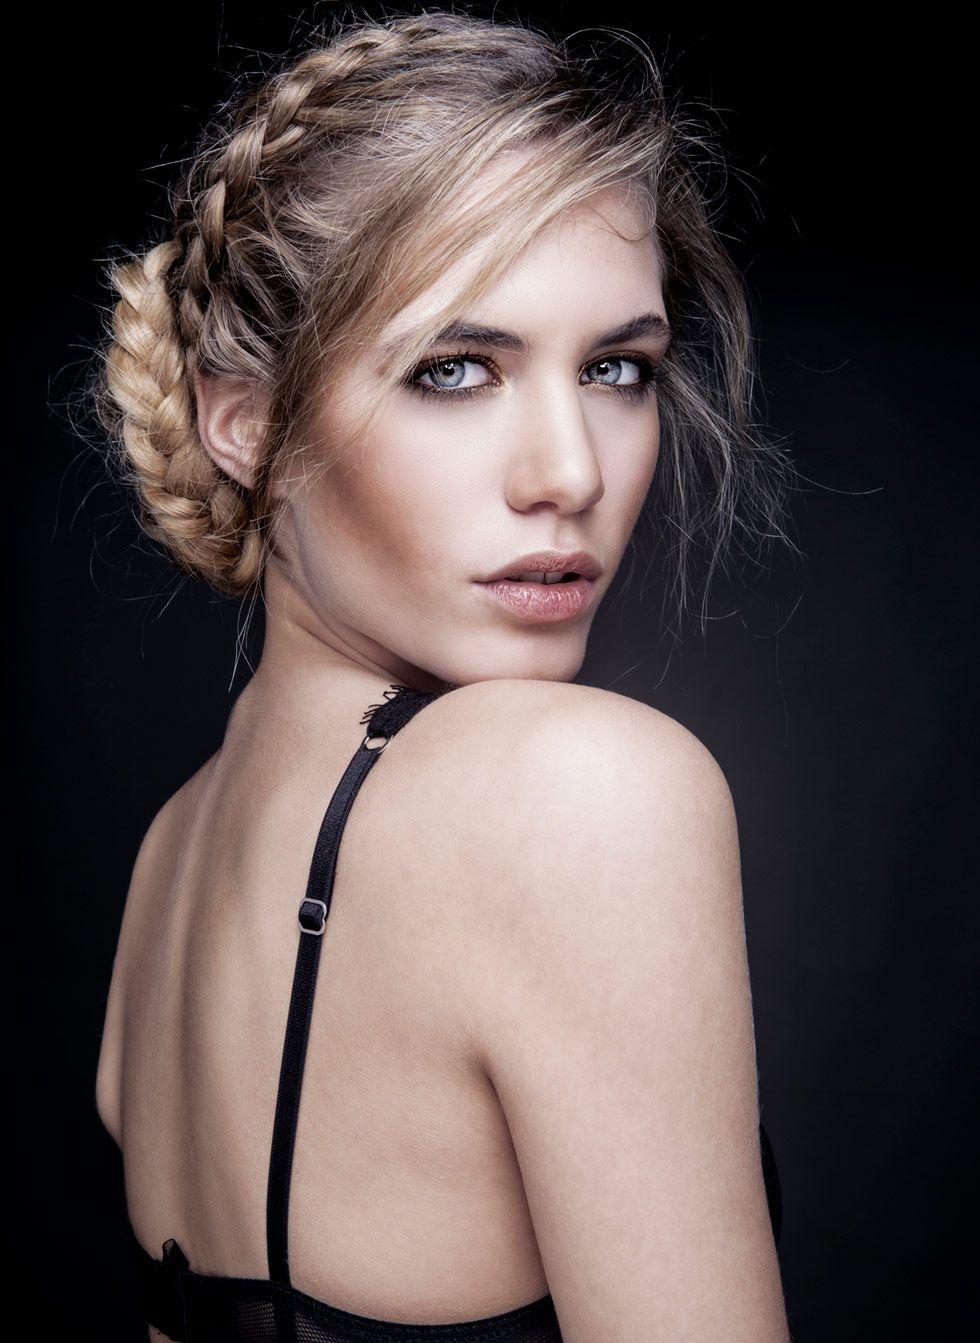 La jeune star du x Abby Paradise dans un casting porno brutal